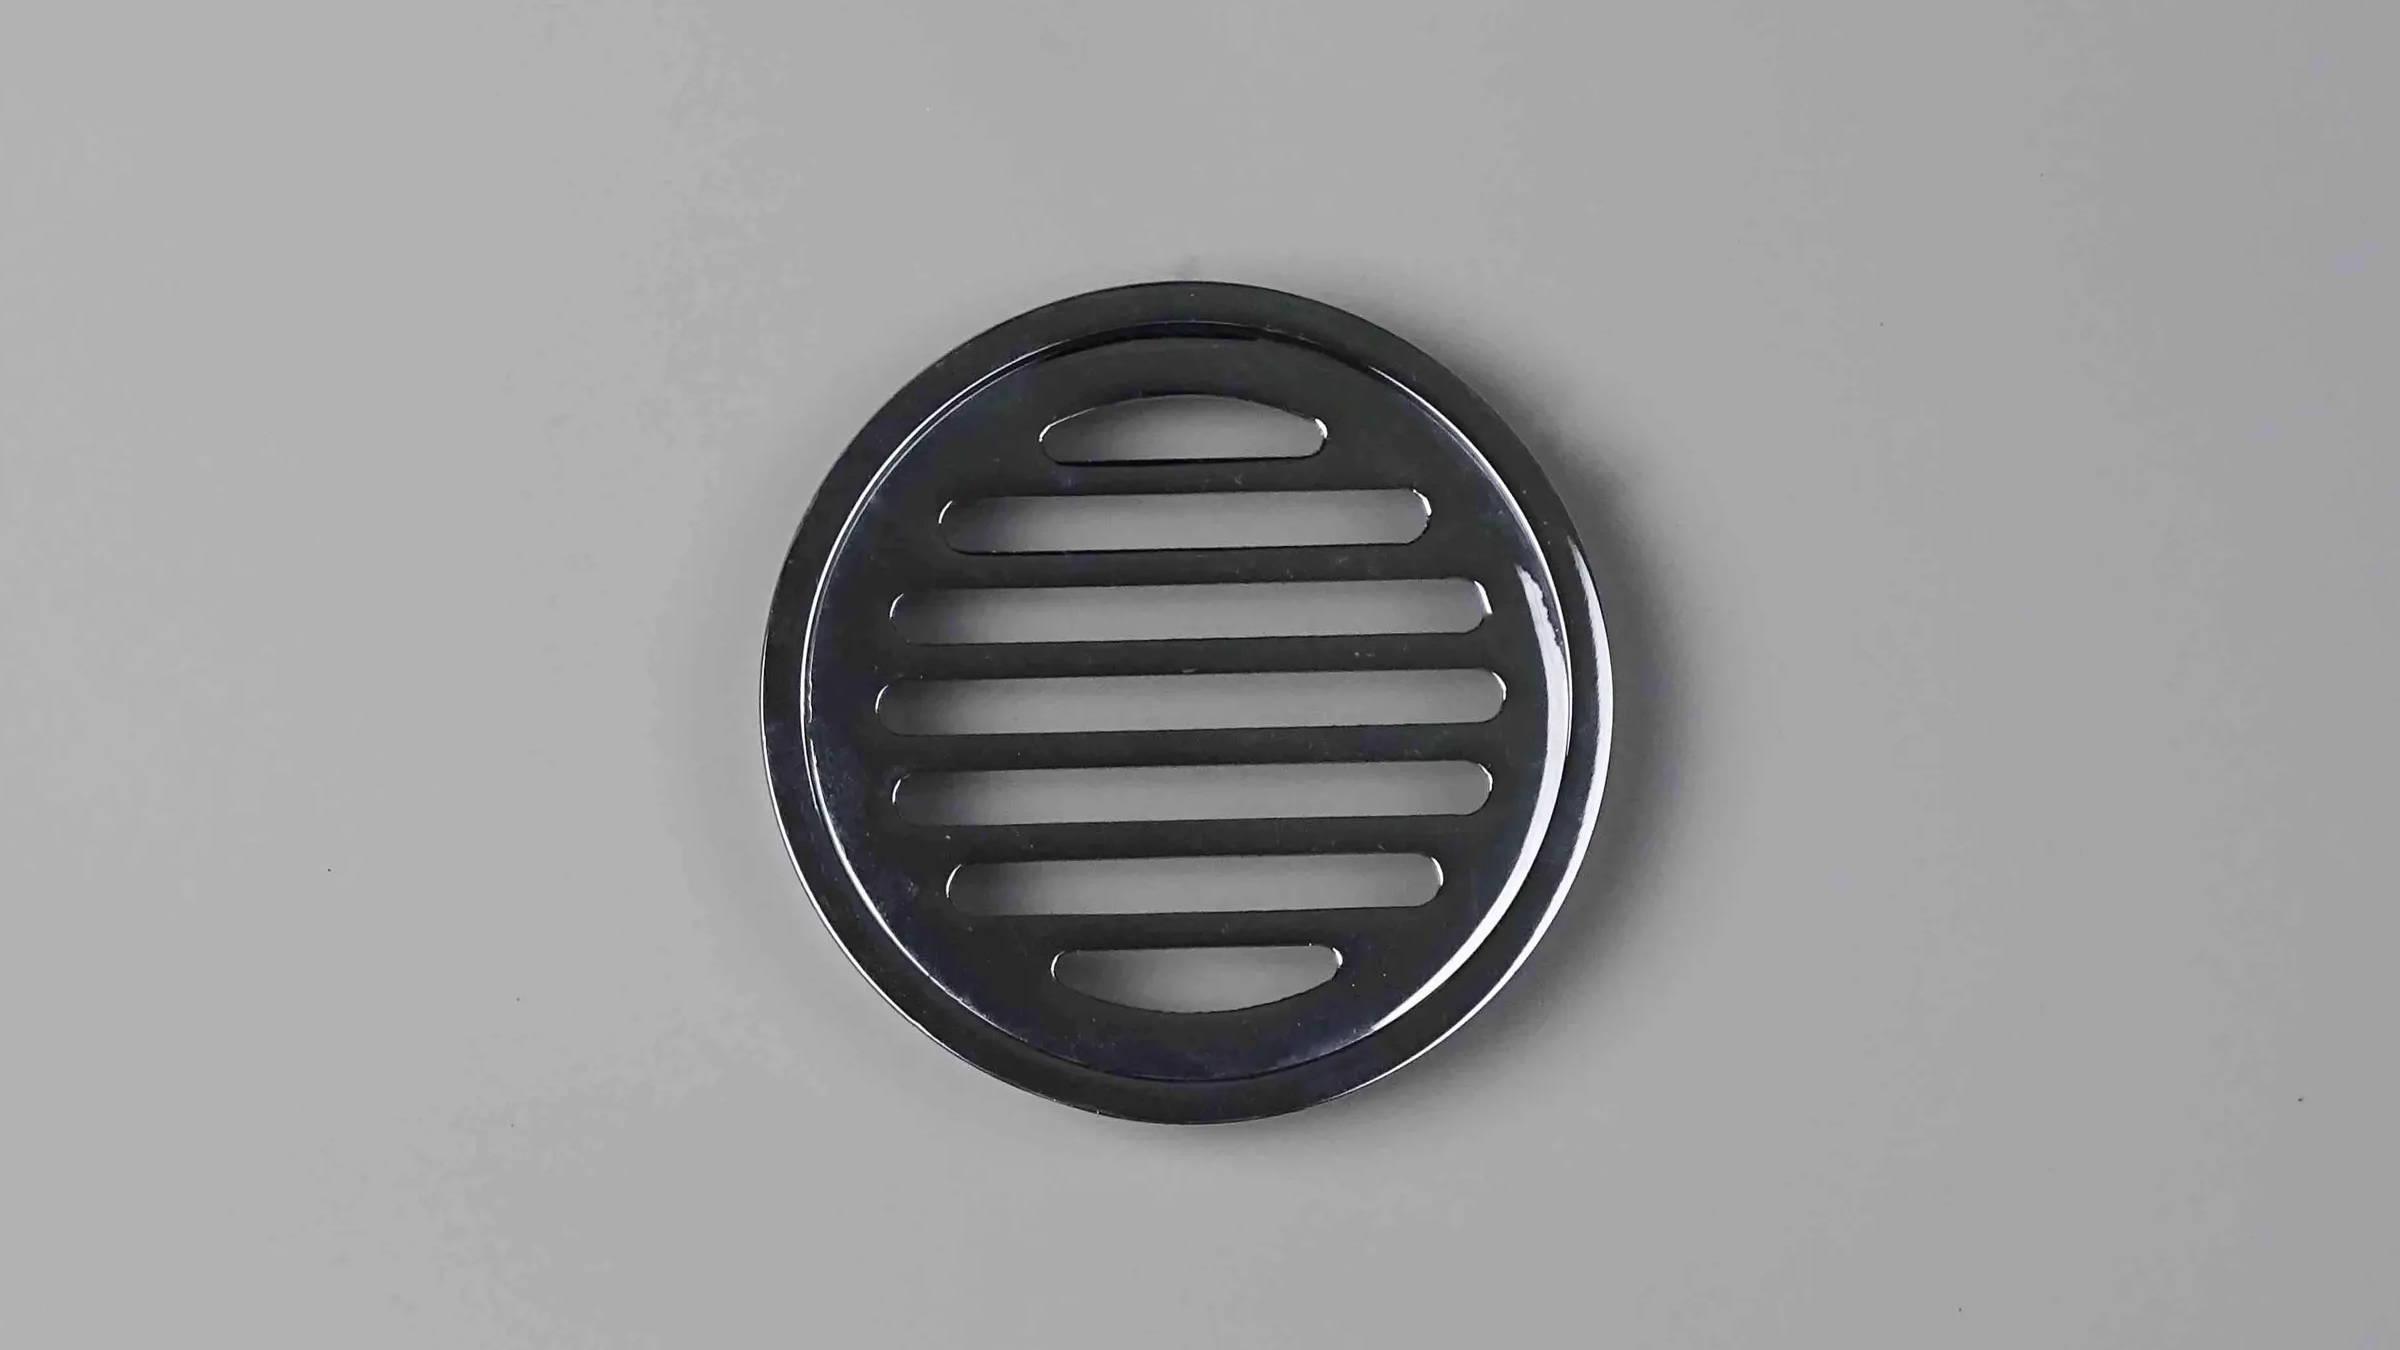 Round Chrome Brass Shower Drain Grate